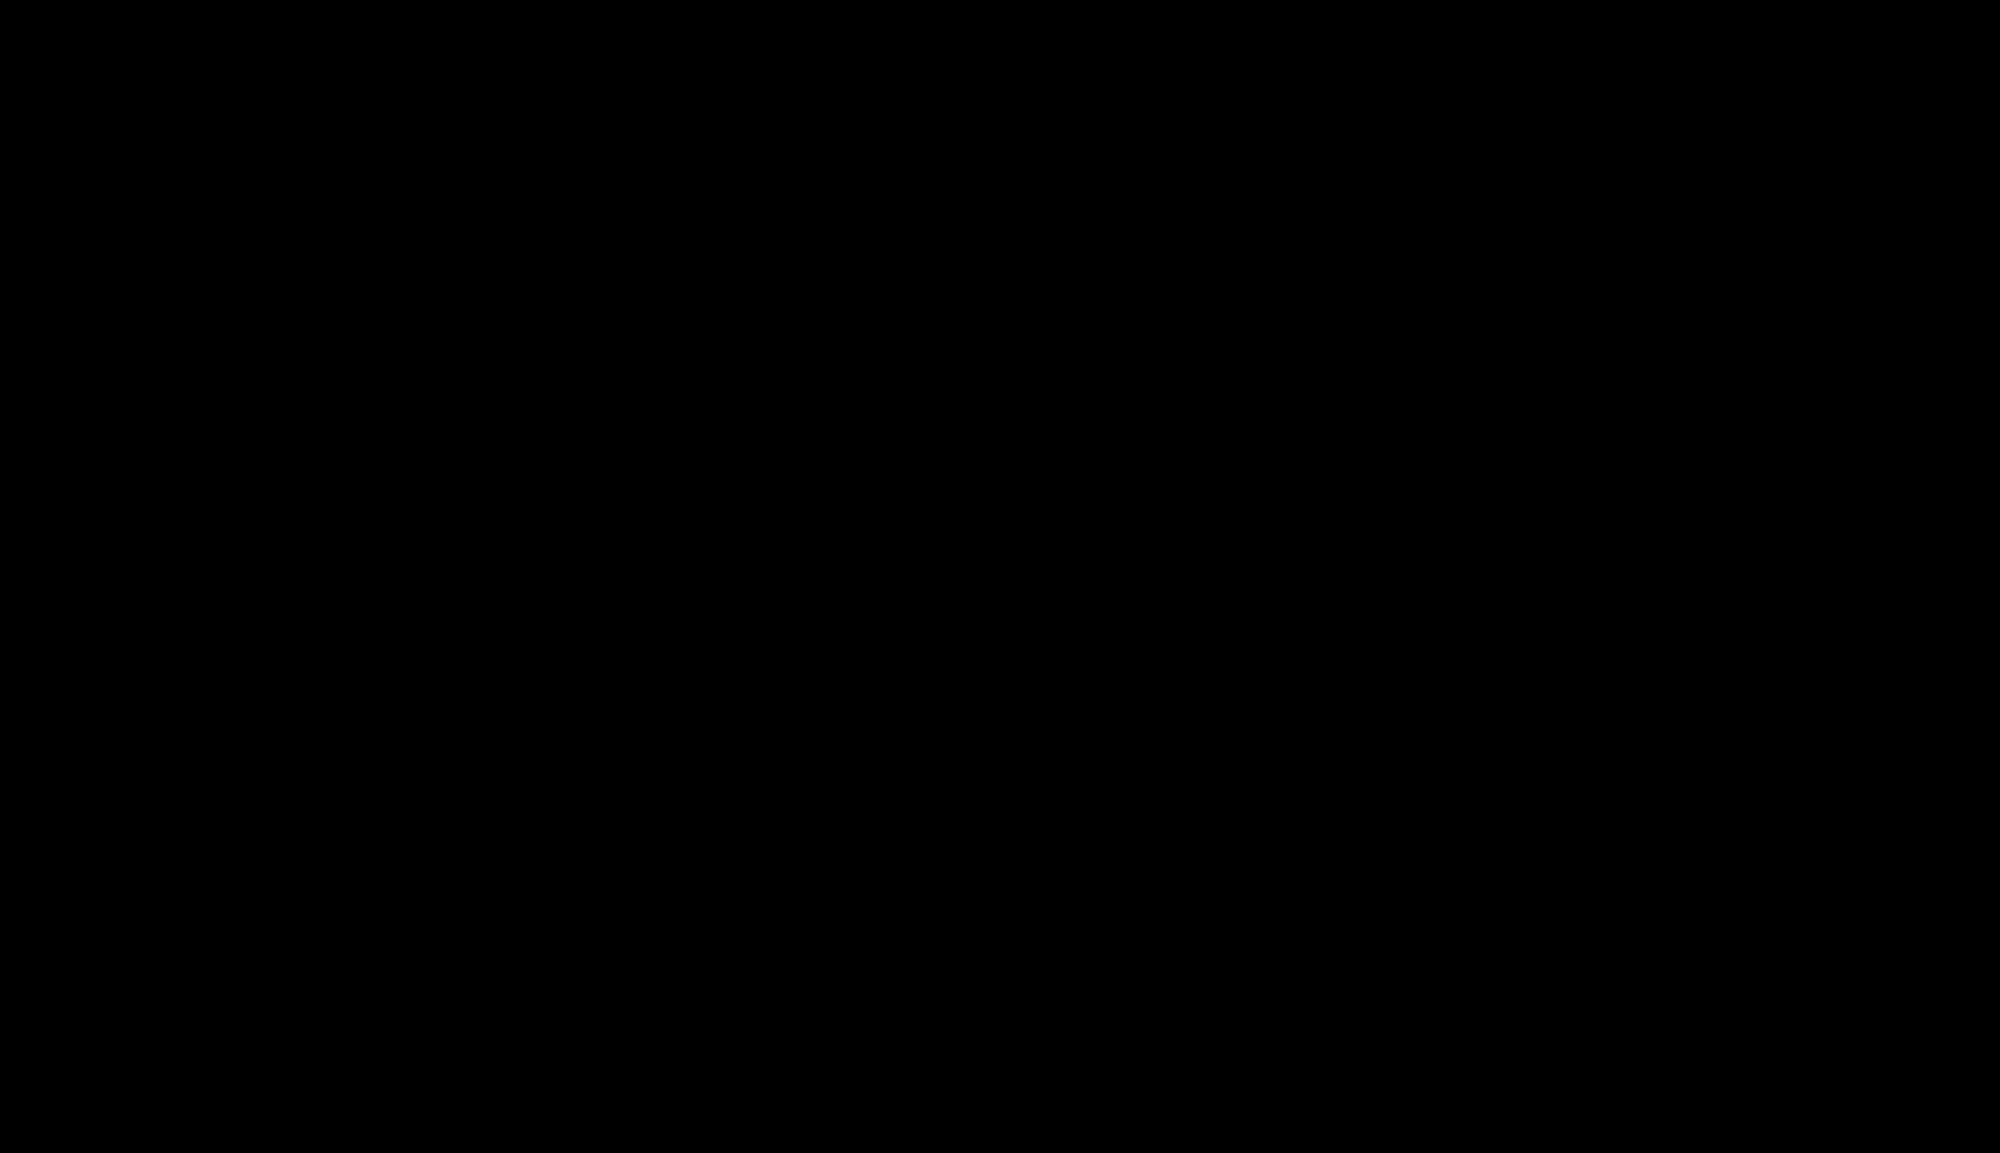 Coffin clipart svg. File pierre signature wikimedia